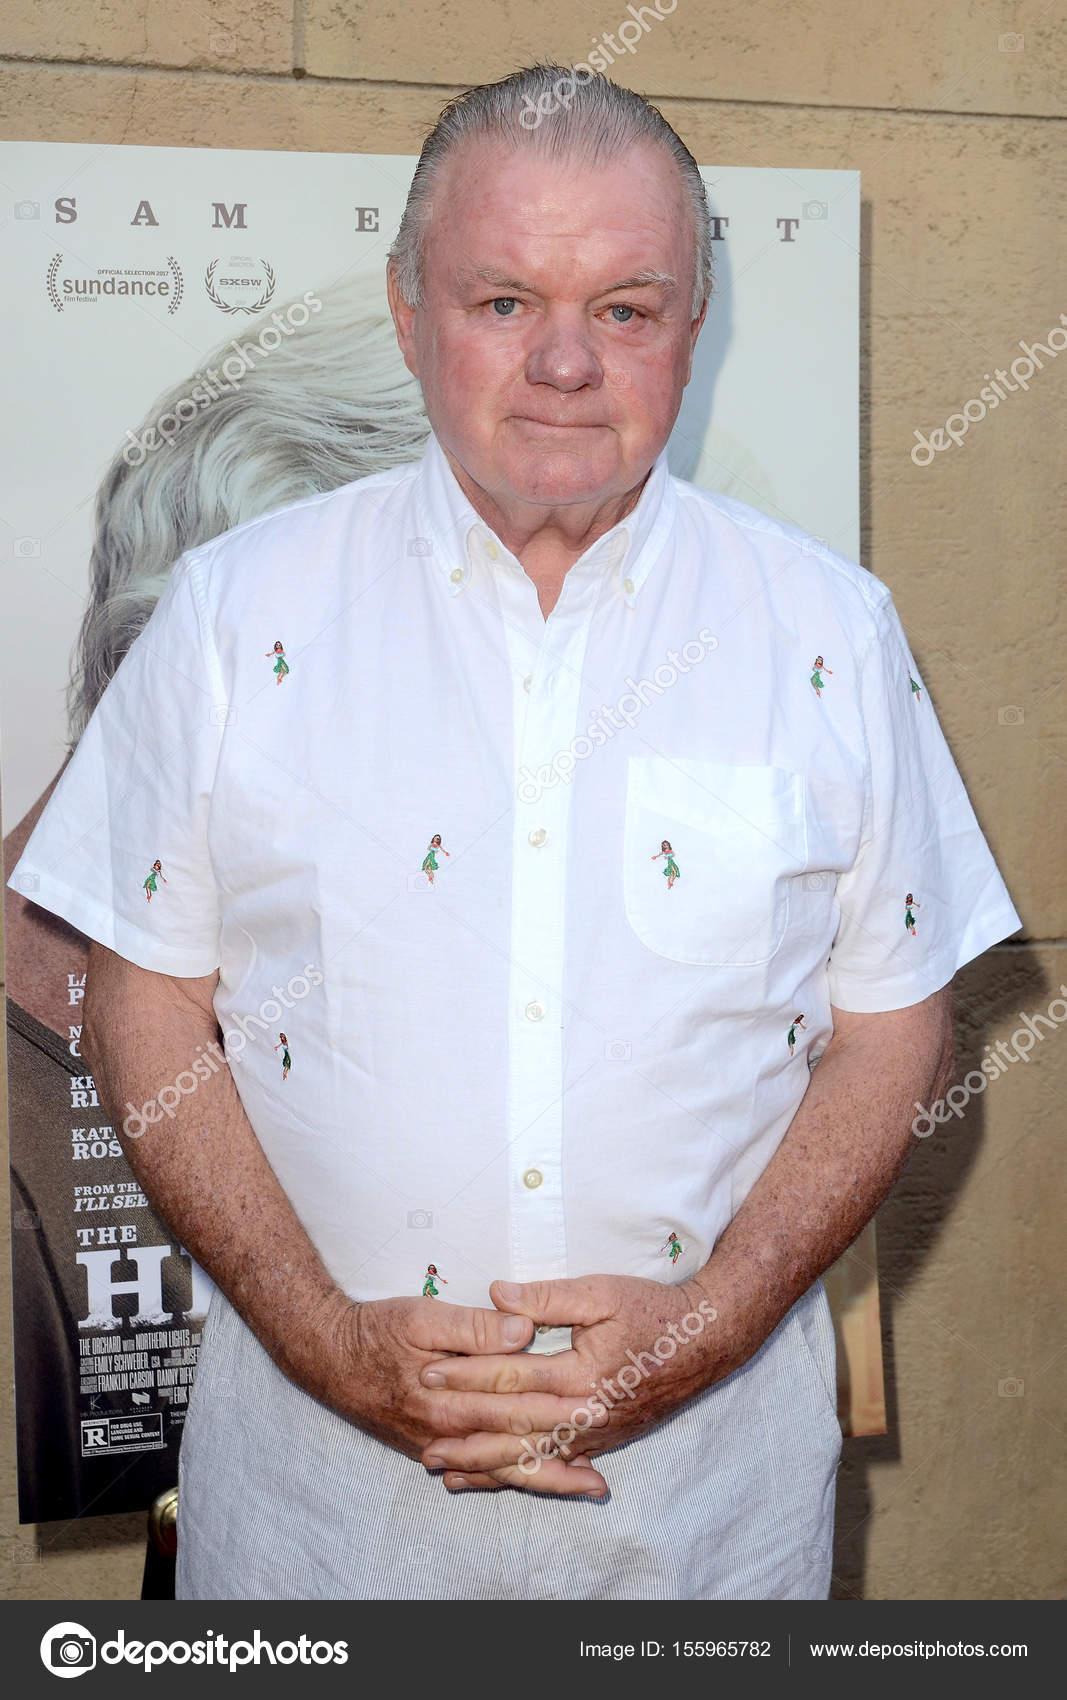 Jack Stockfoto Redaktionelles Schauspieler Mcgee — 0n8wvNmO